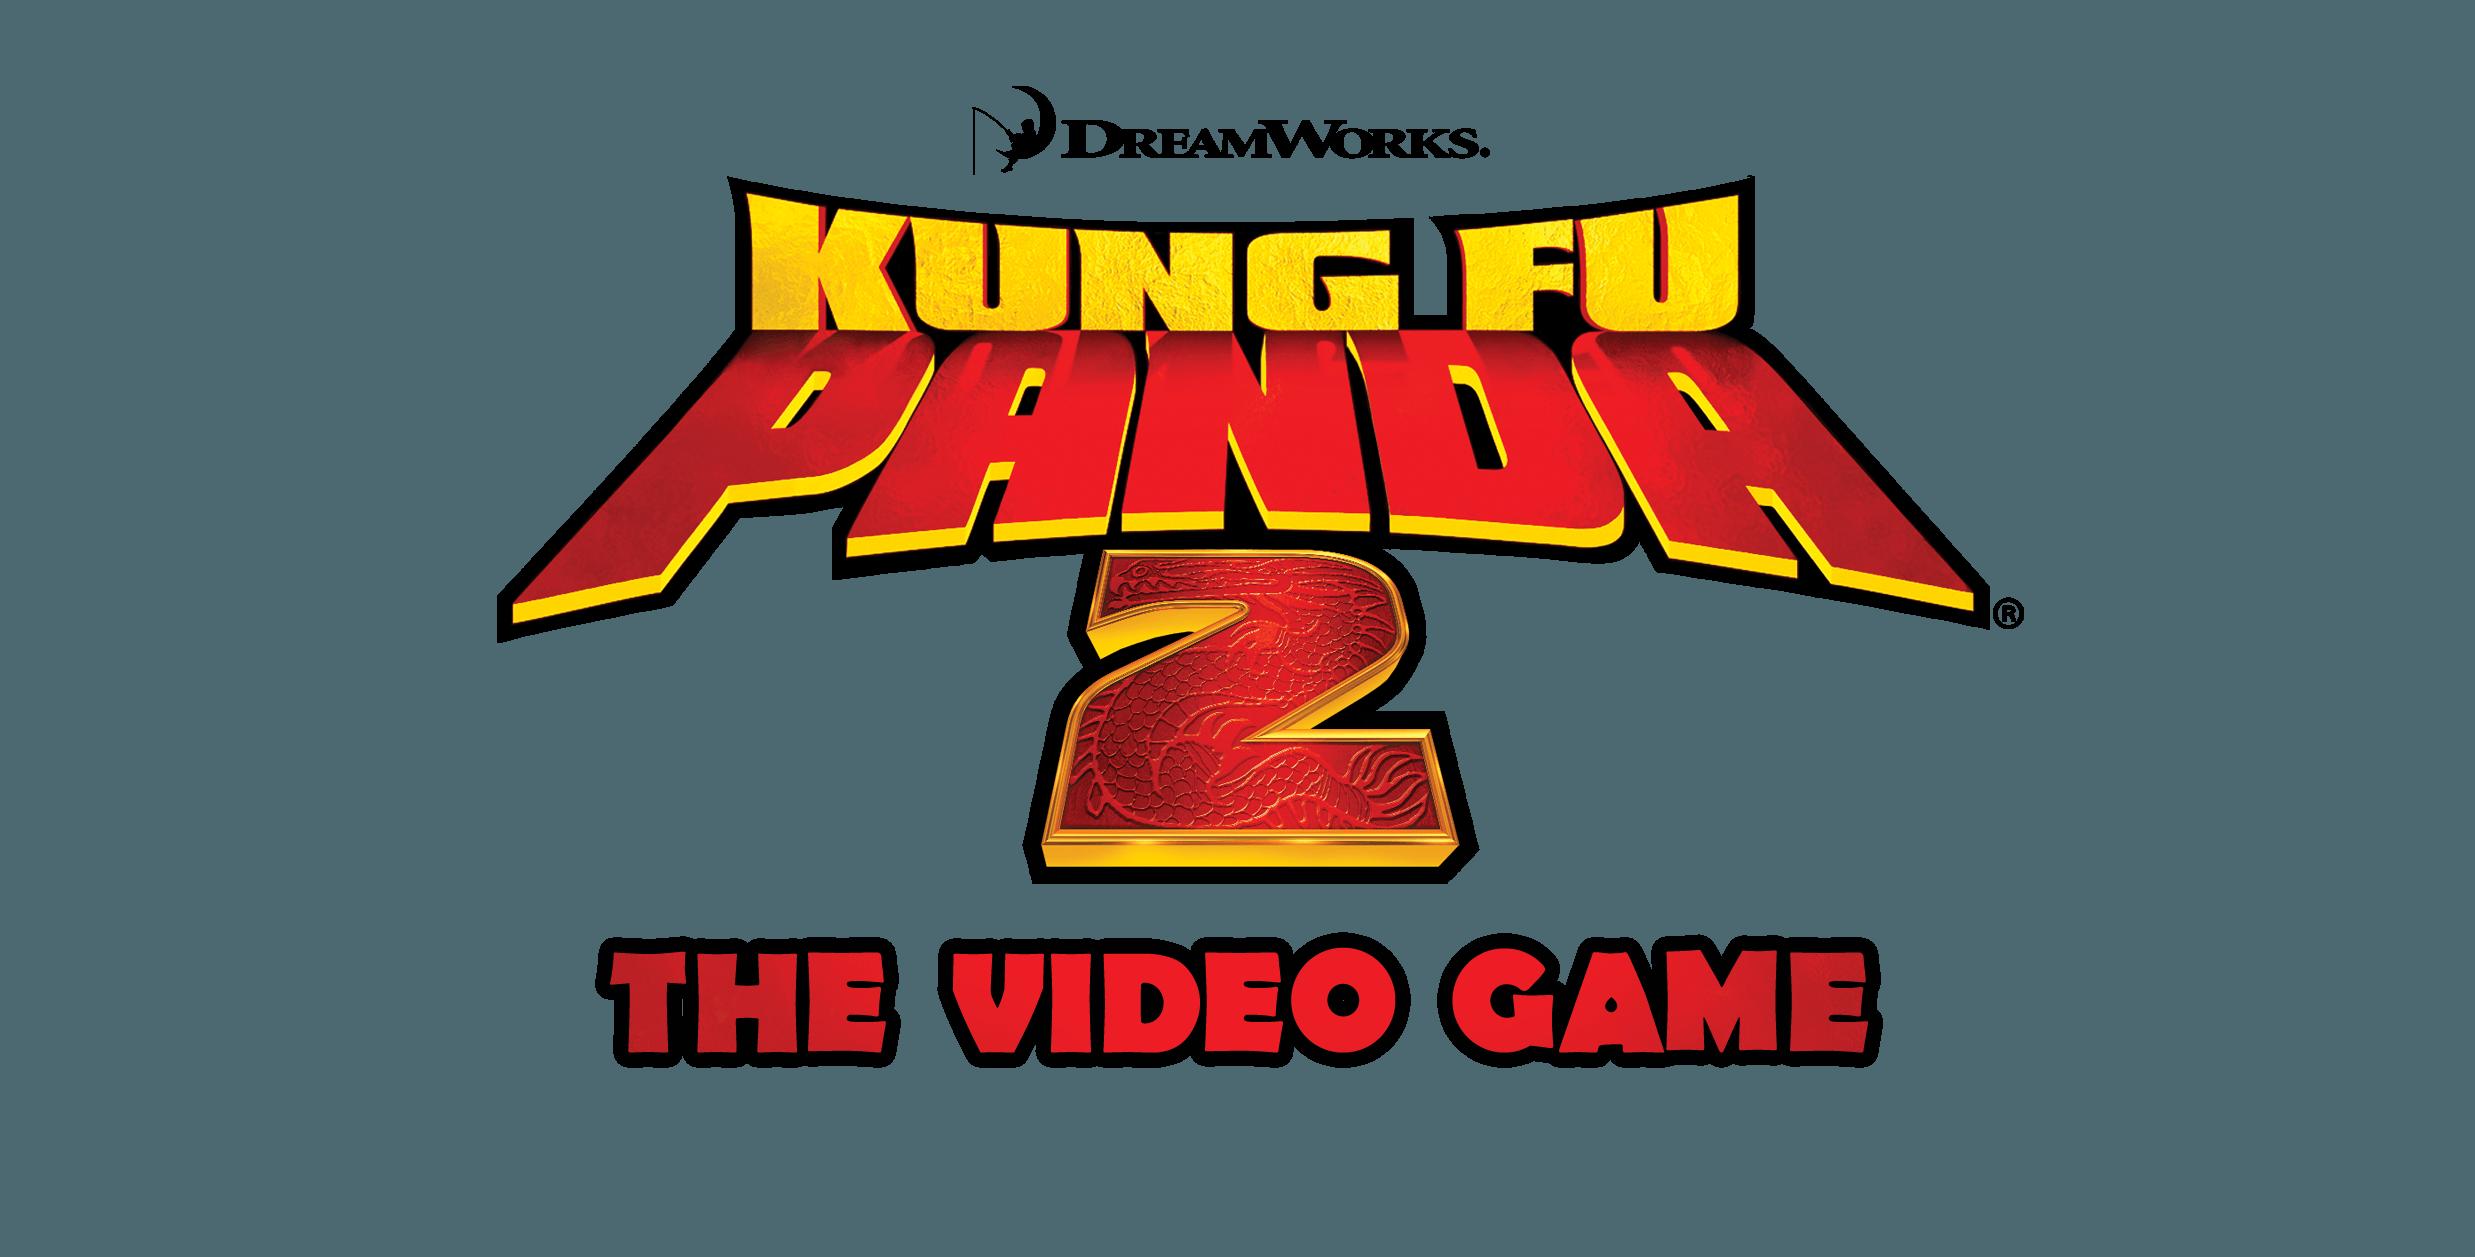 Kung Fu Panda Logos